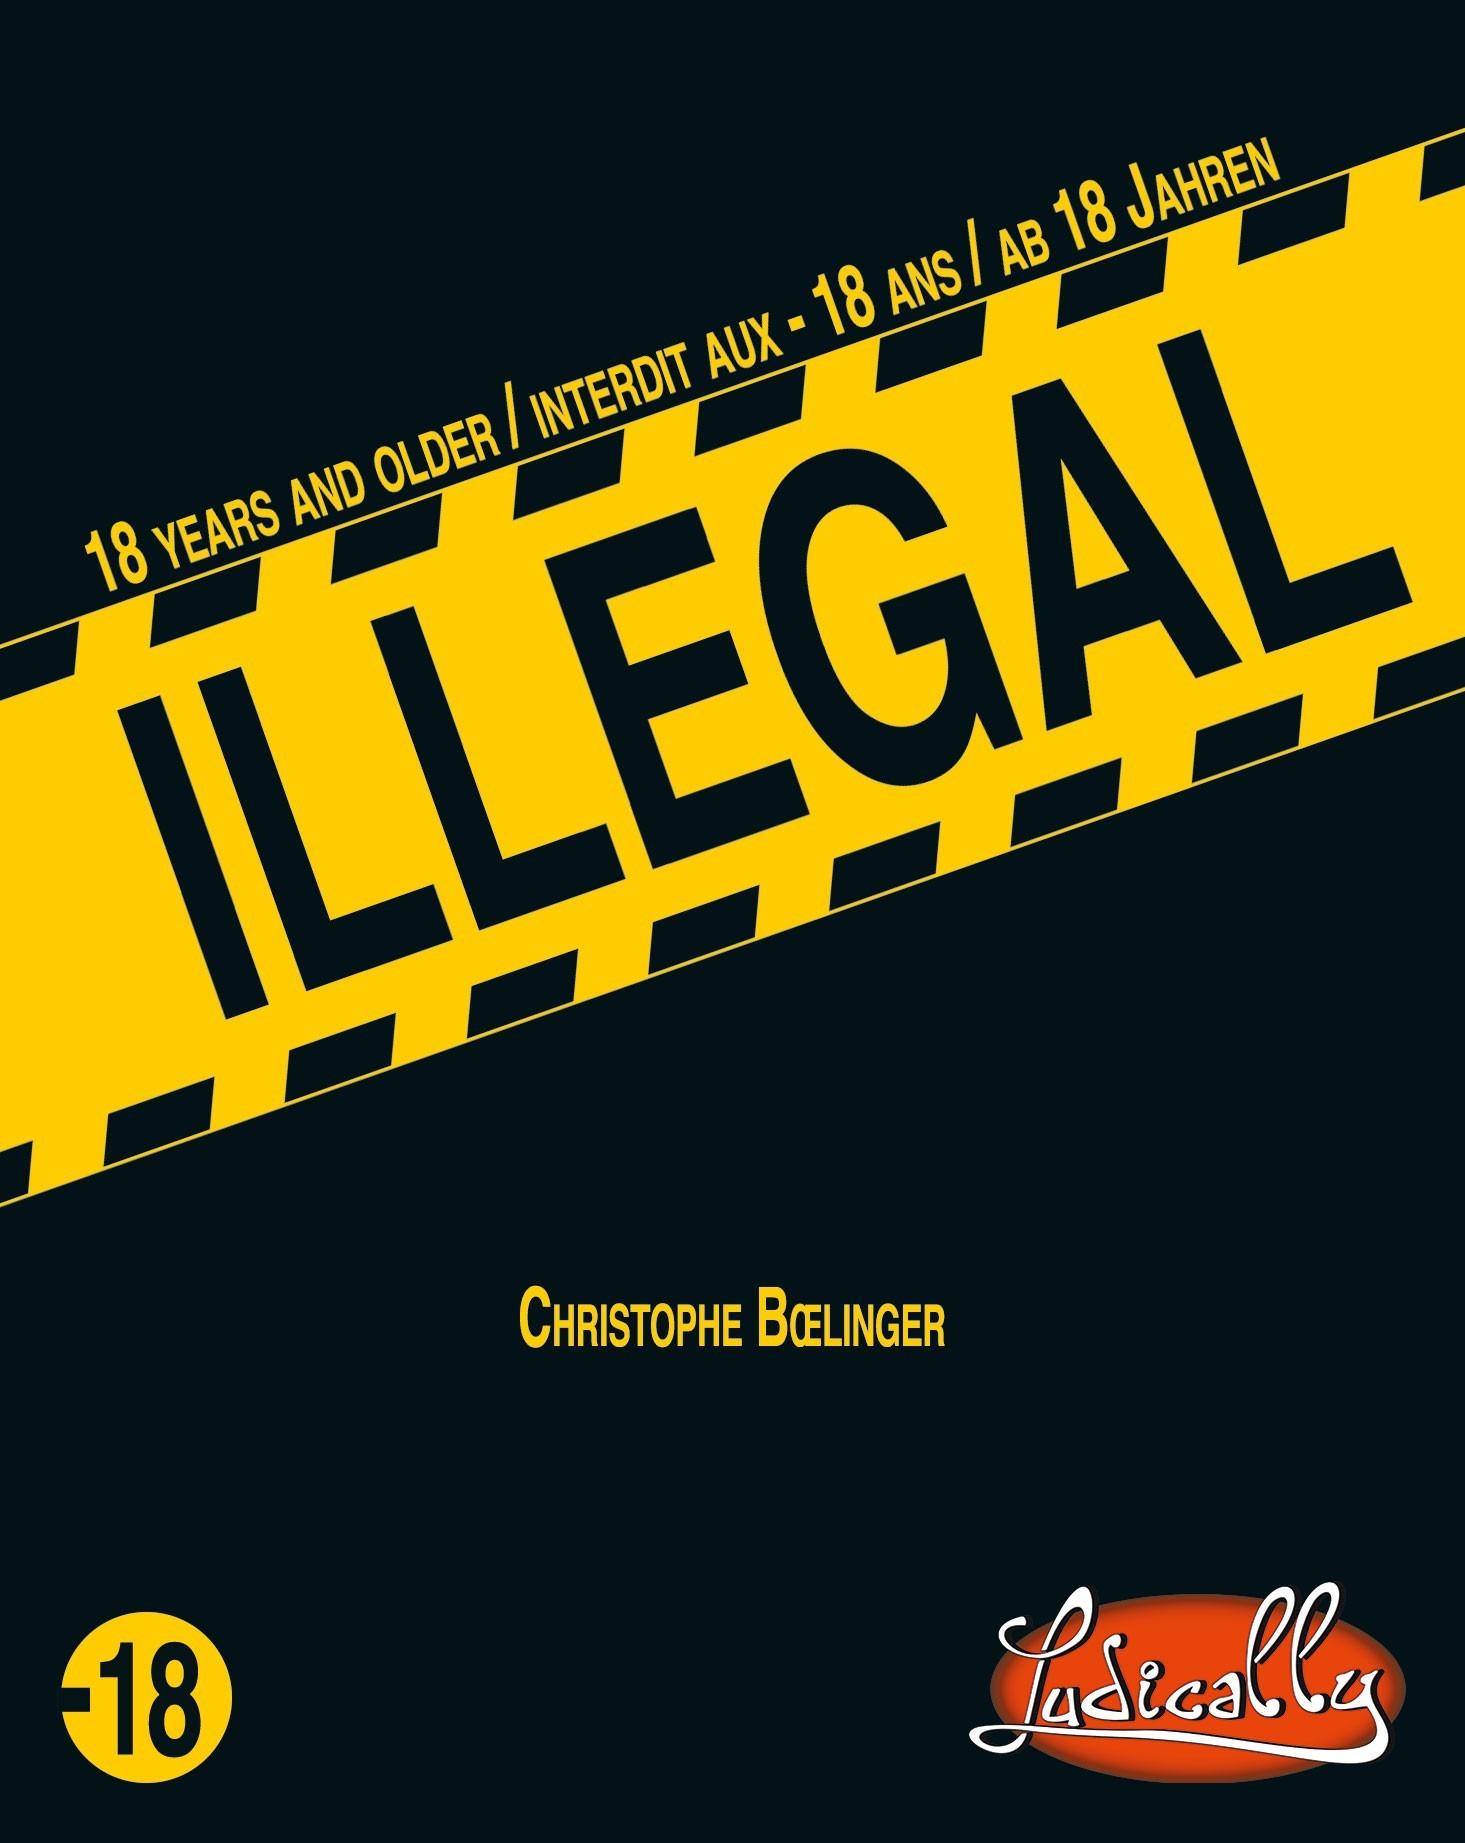 Illegal, Christophe Boelinger sous les verrous